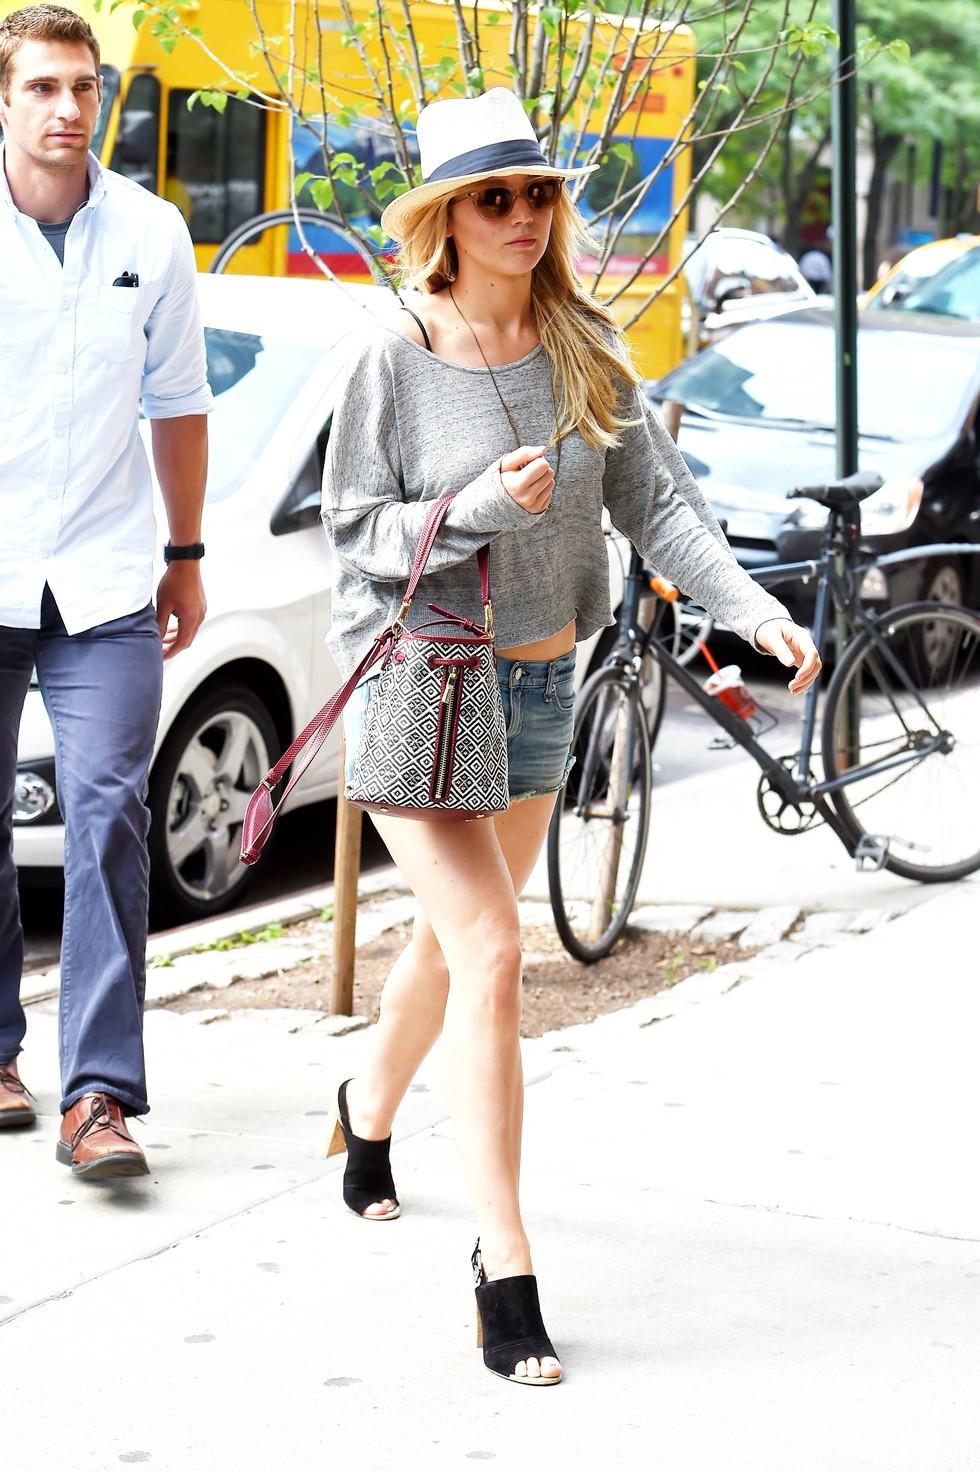 Những chiếc kính râm luôn là phụ kiện bất li thân khi dạo phố của Jennifer Lawrence. Cô chọn thêm cho mình chiếc mũ Fedora, áo trễ vai mix quần jean ngắn và đôi giày Mule